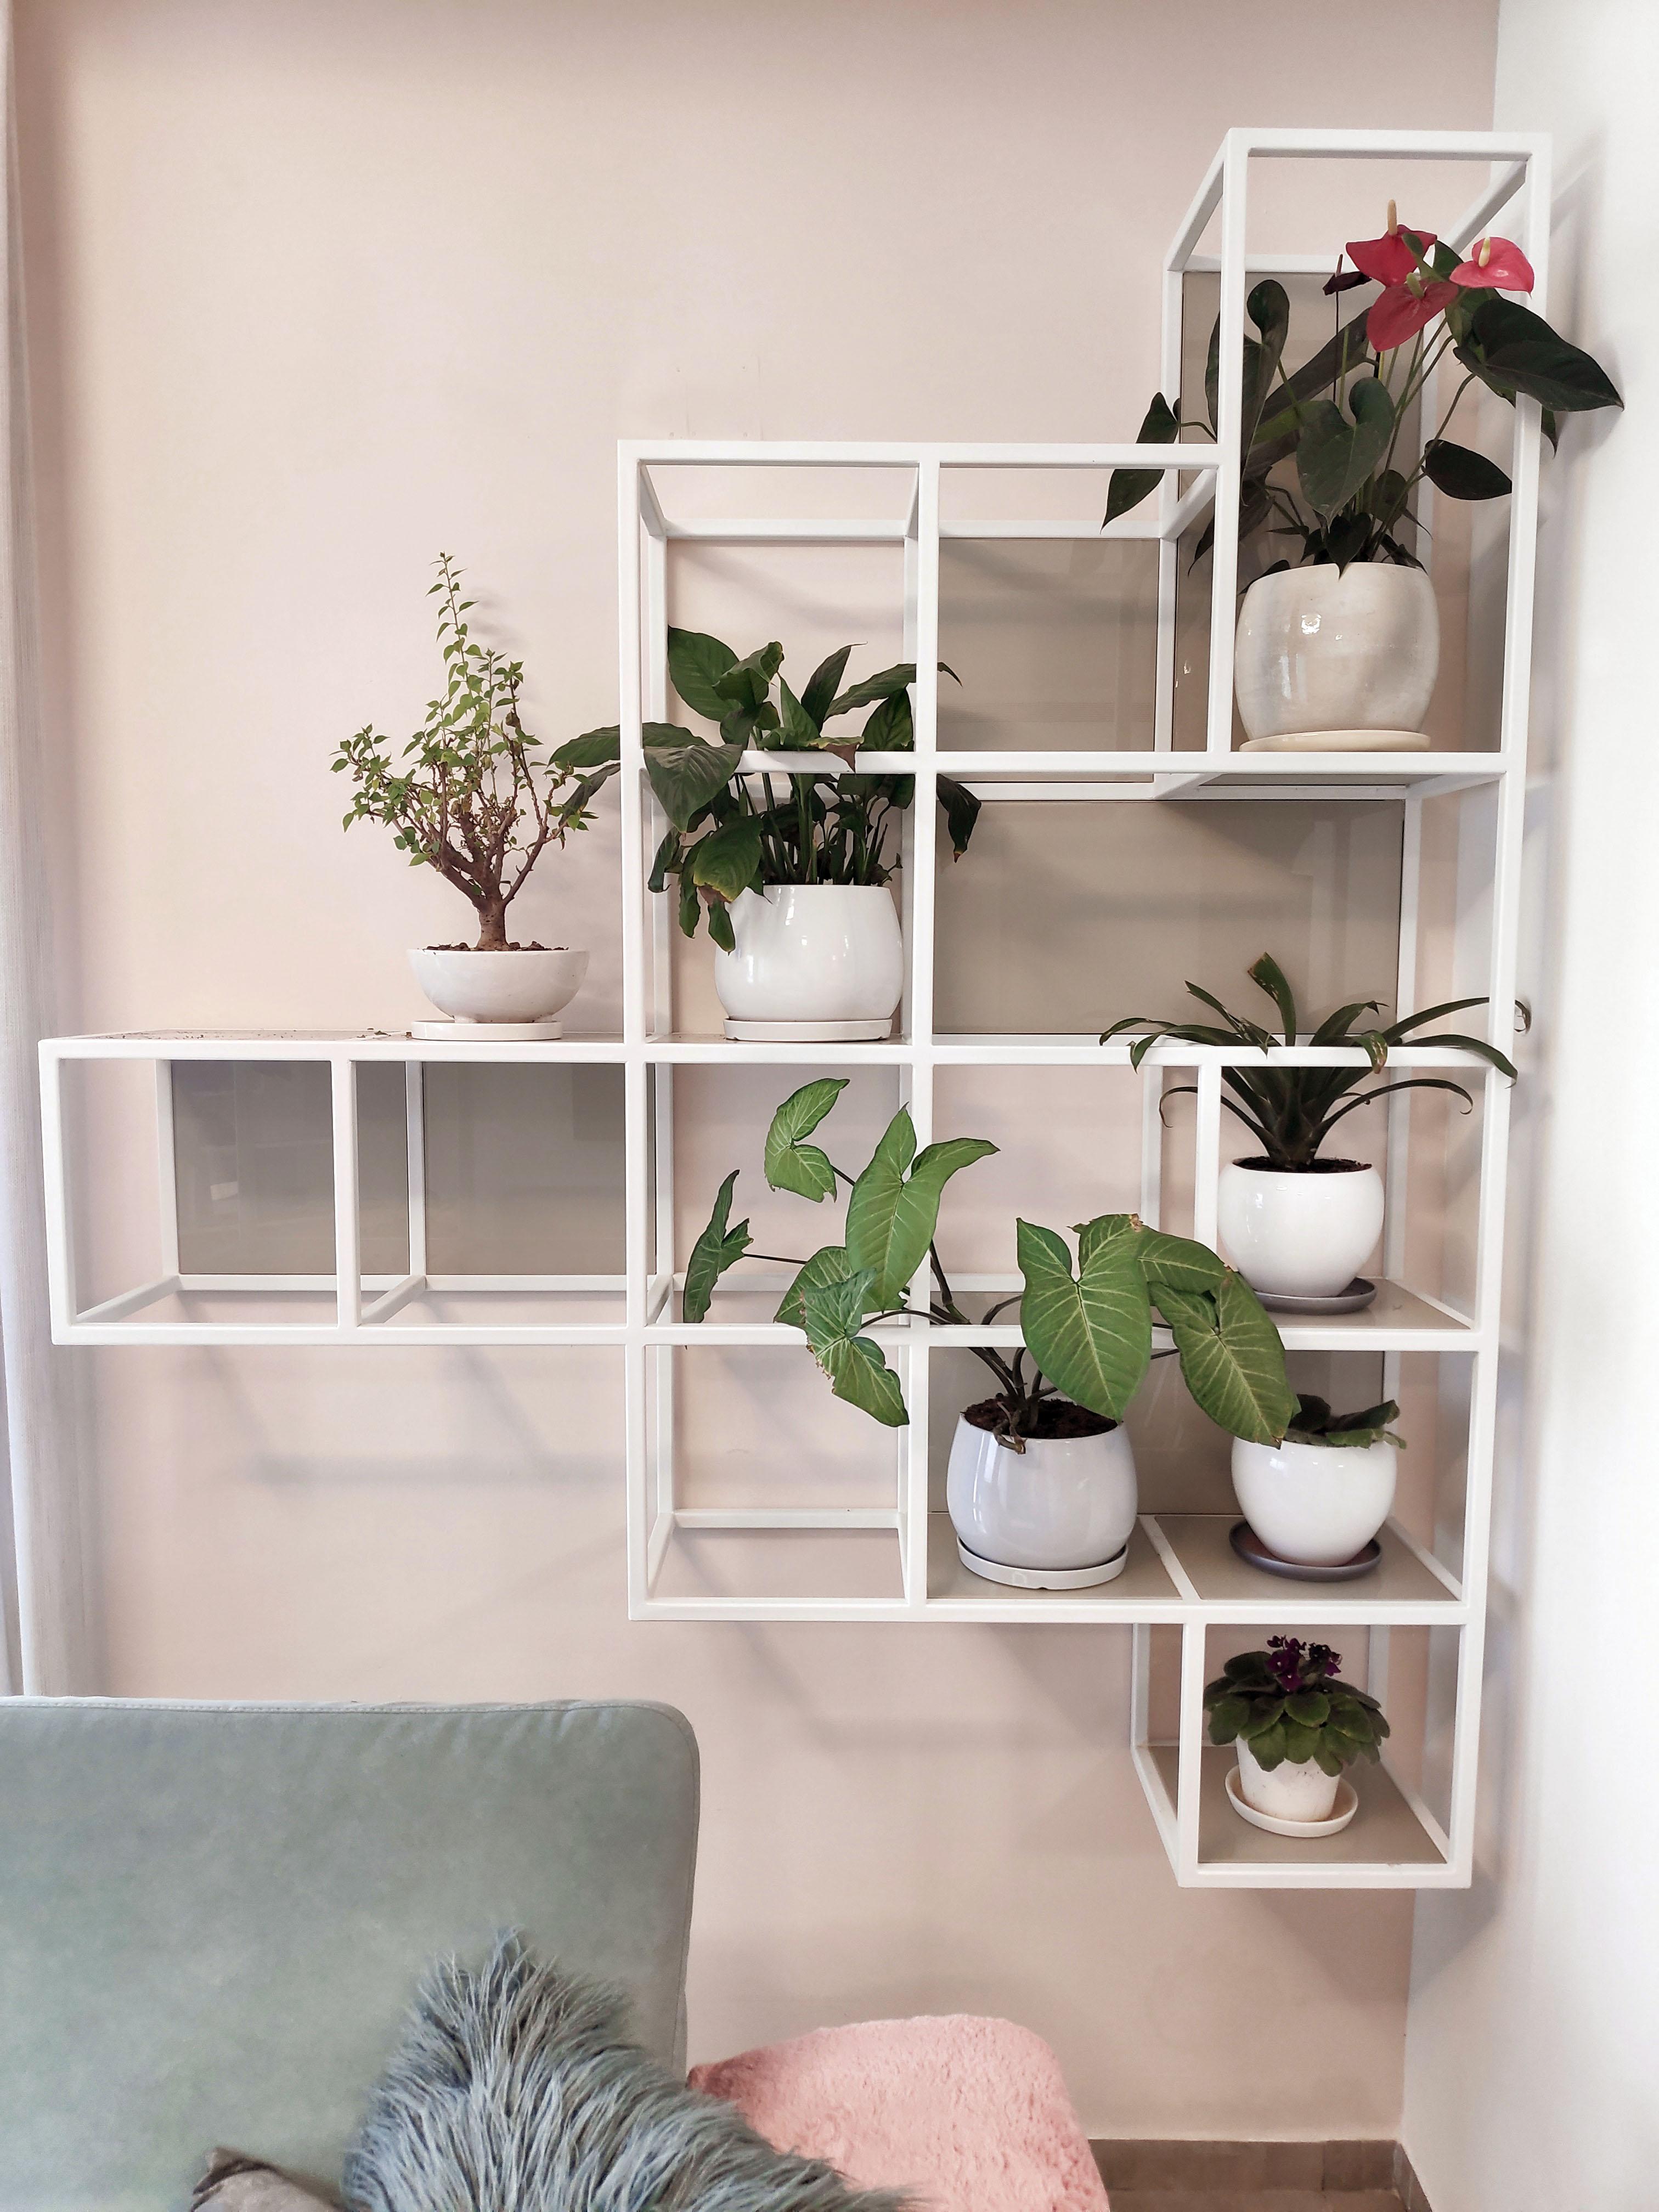 Iron and glass decorative shelves, מדפים דקורטיביים